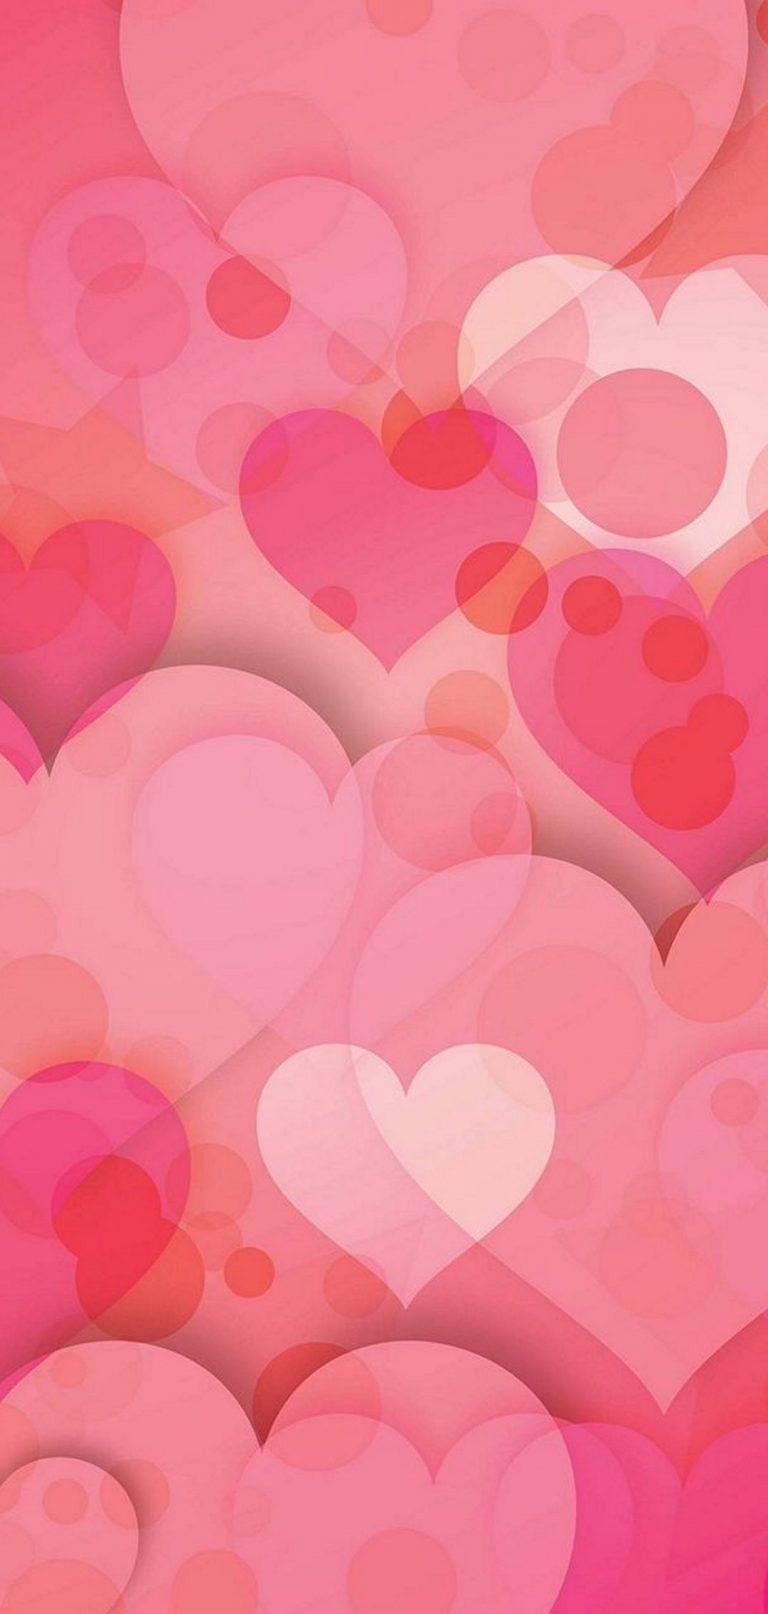 Hearts Love Pinky 1080x2270 768x1614